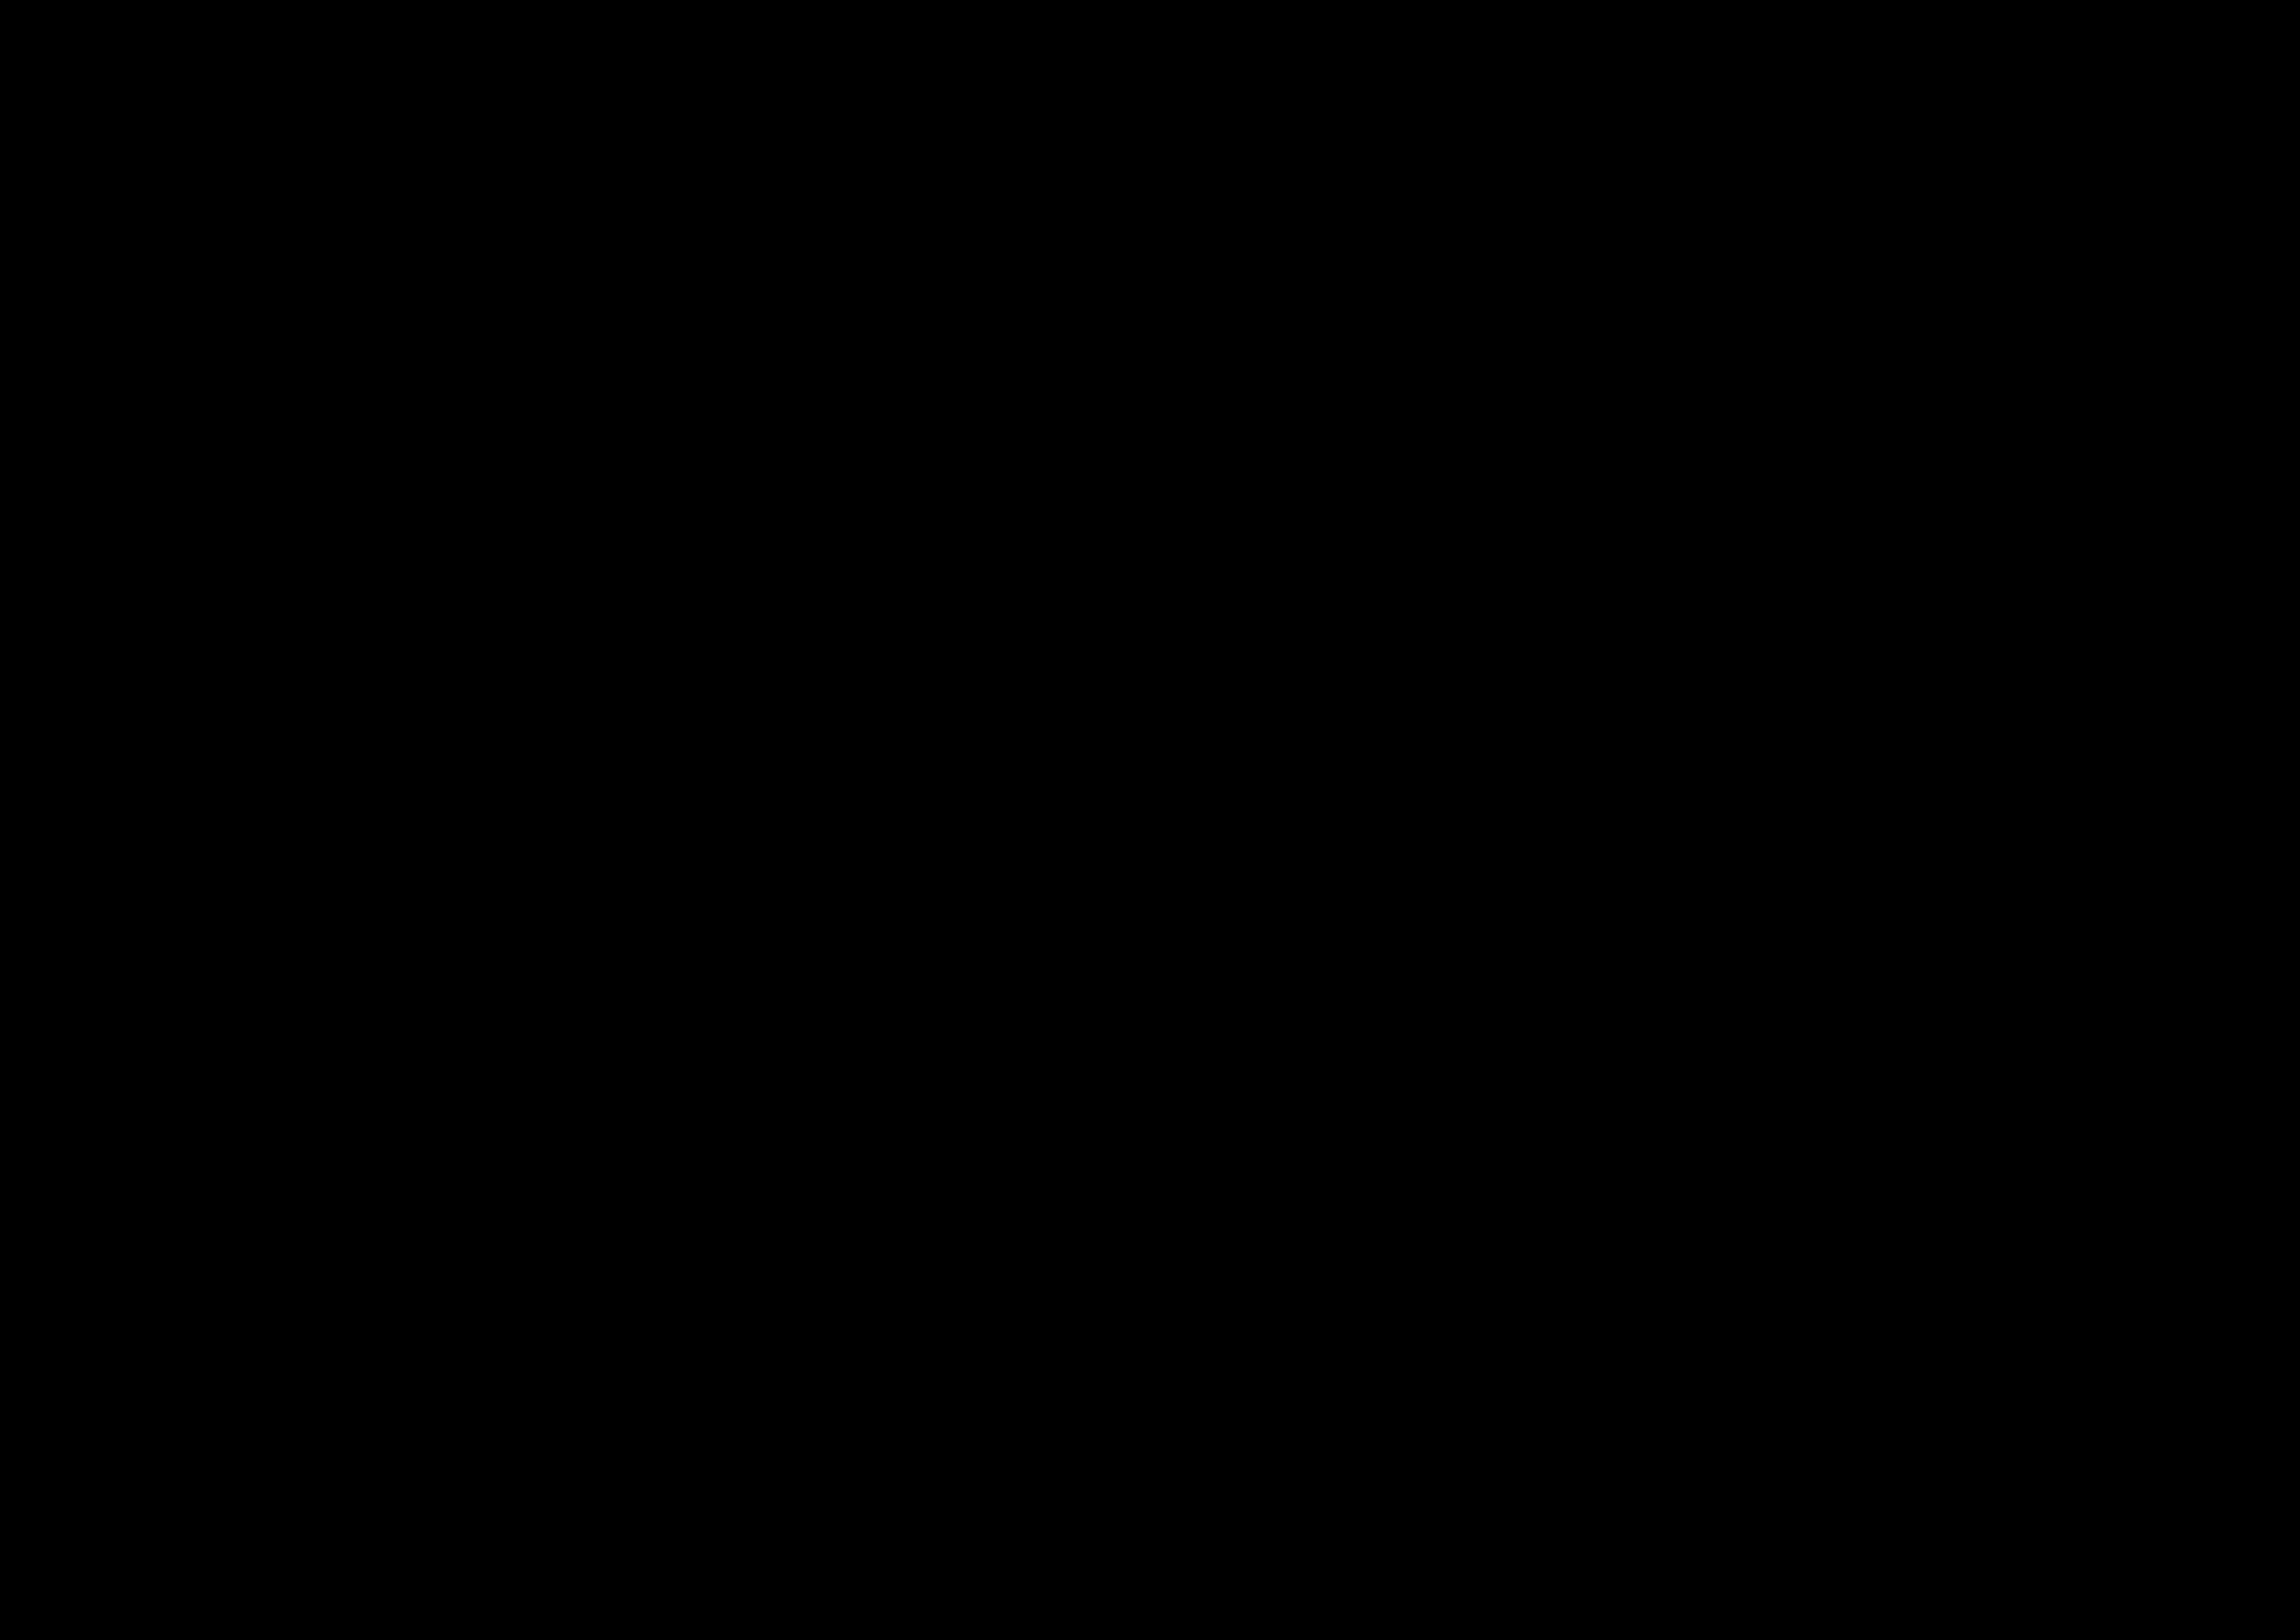 Ámbito geográfico